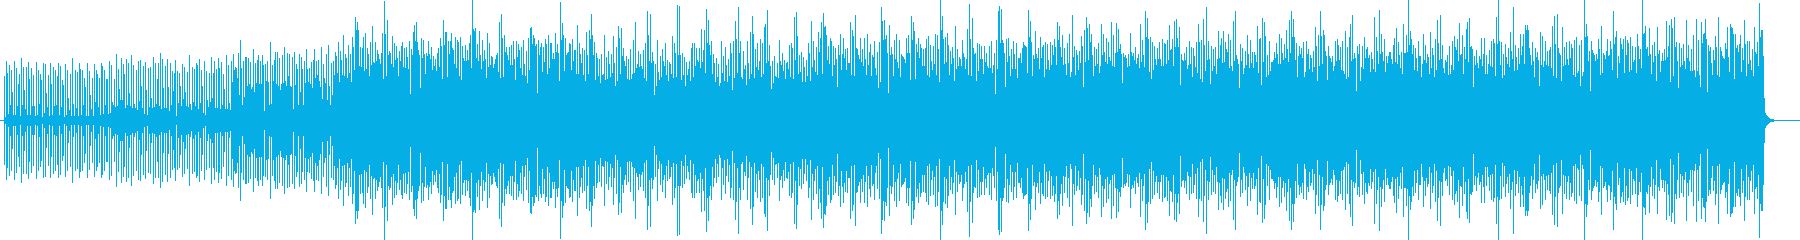 幻想的で森の中のようなポップミュージックの再生済みの波形